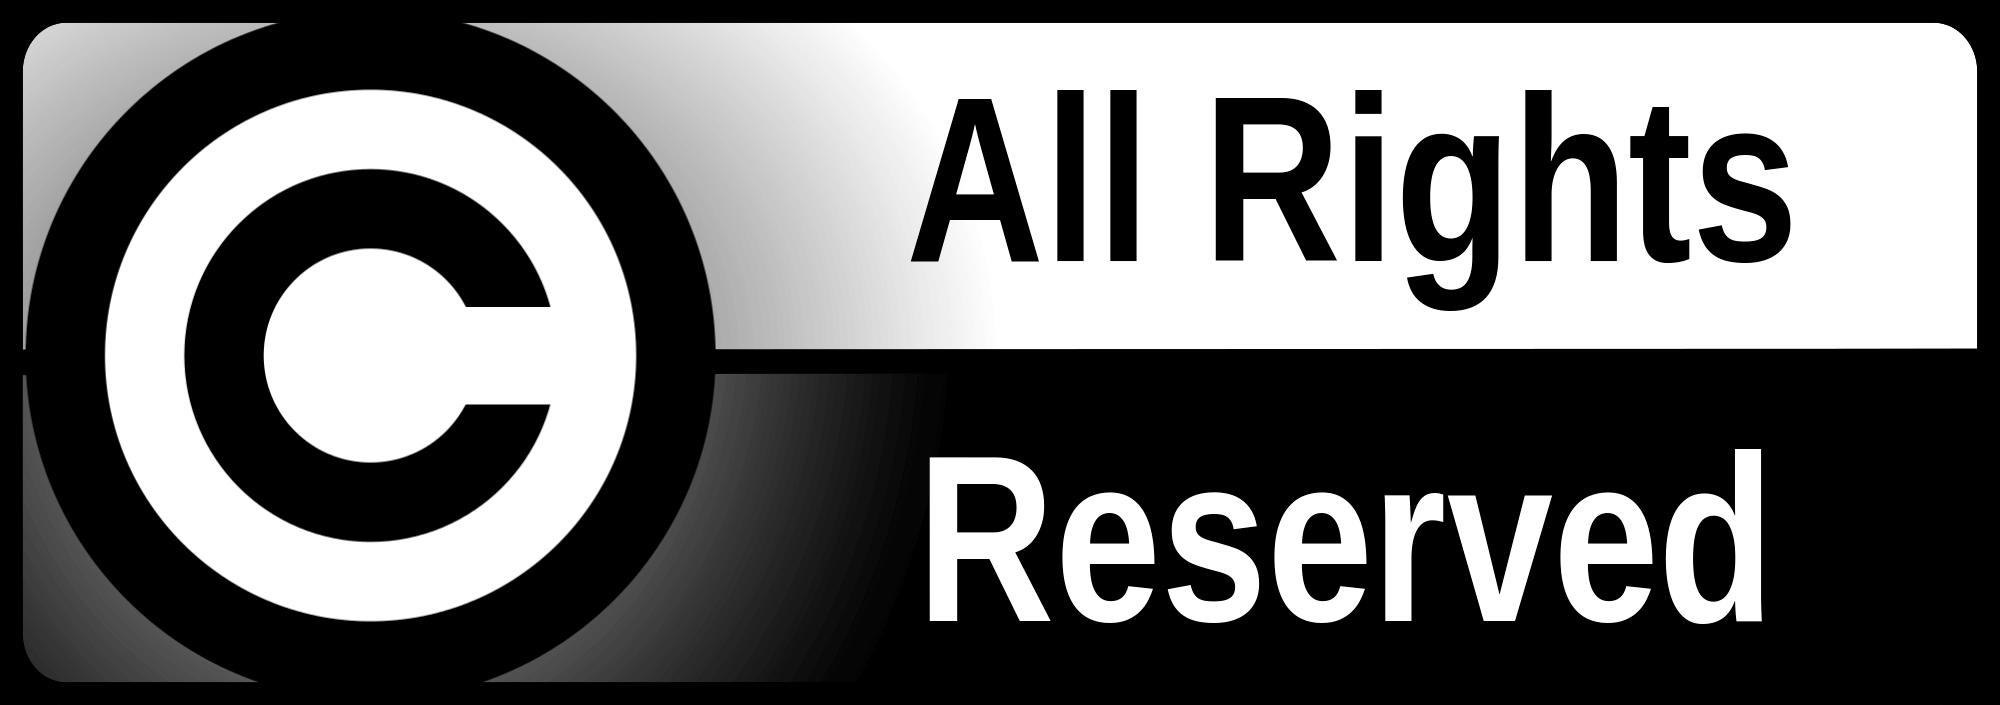 nguồn gốc xuất xứ - All Rights Reserved là gì